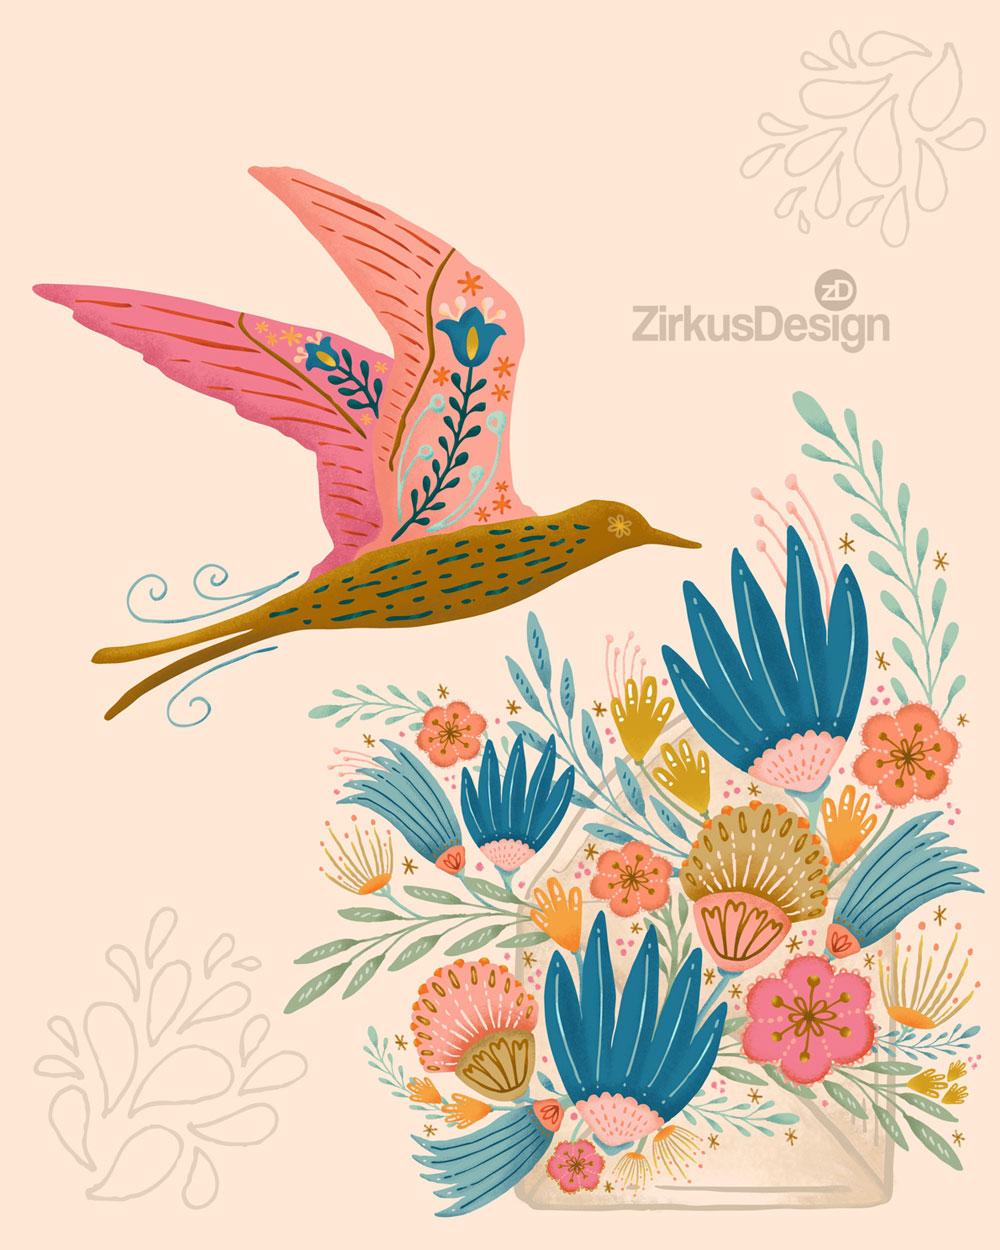 All images © Zirkus Design